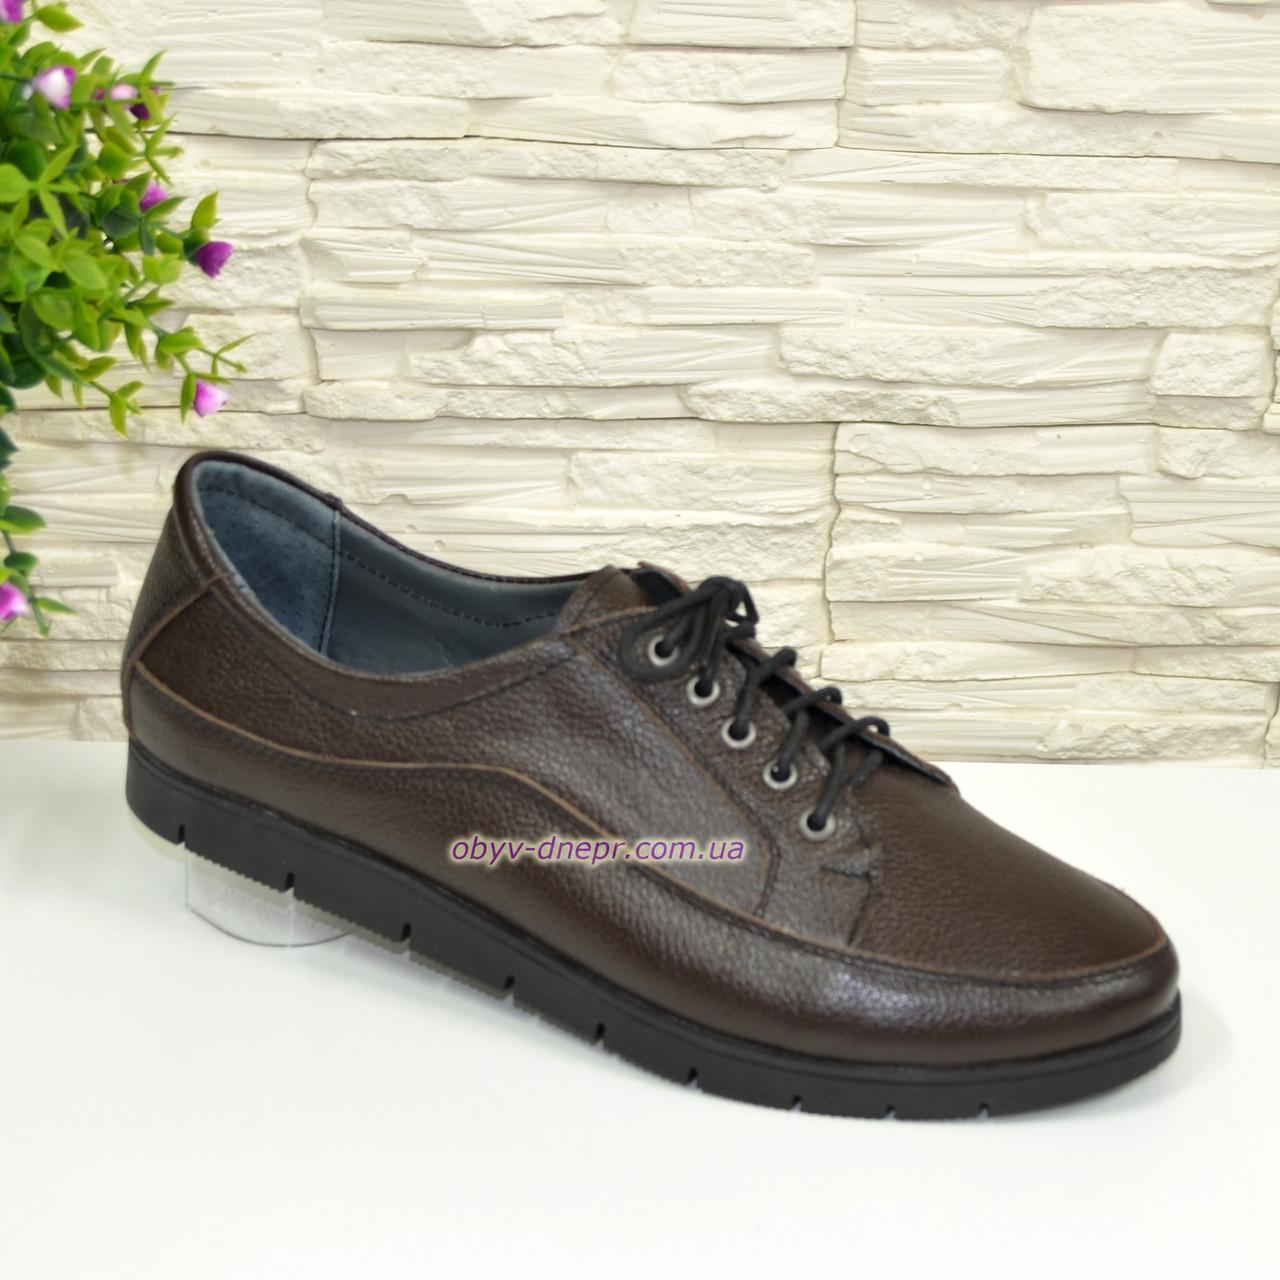 Туфли женские кожаные коричневые на шнуровке